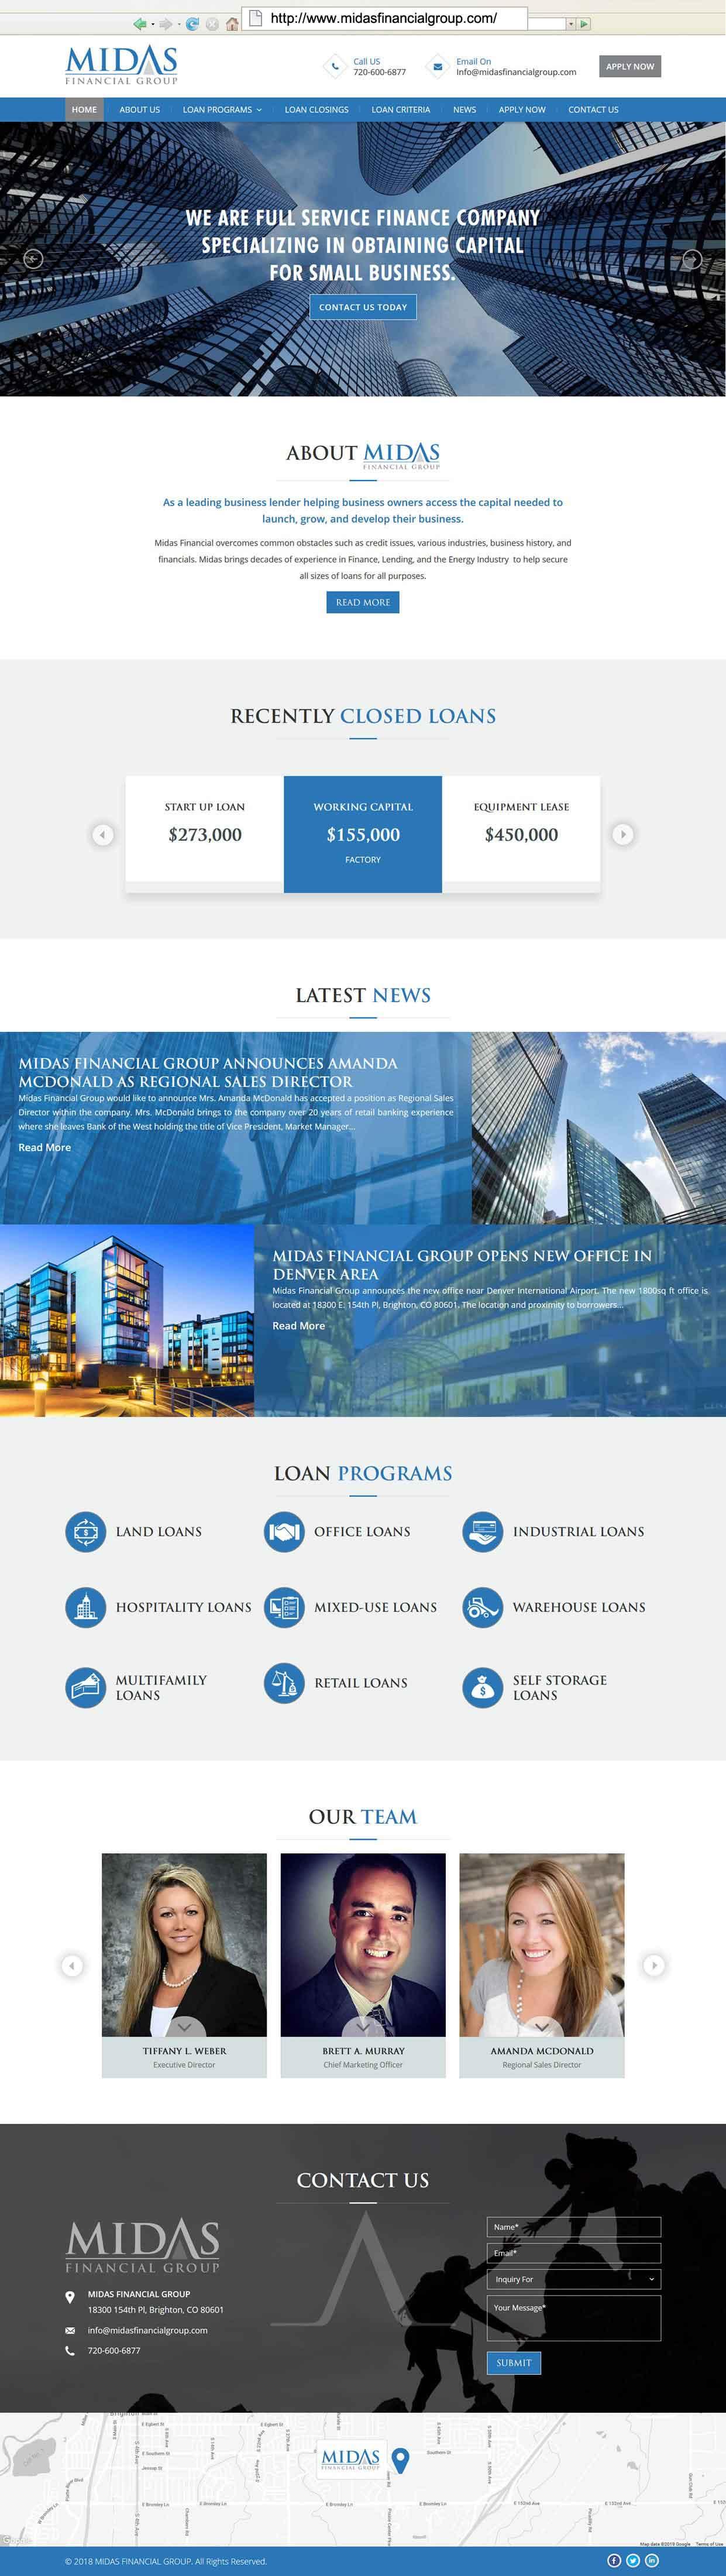 https://www.smartinfosys.net/50584/midasfinancialgroupcom.jpg